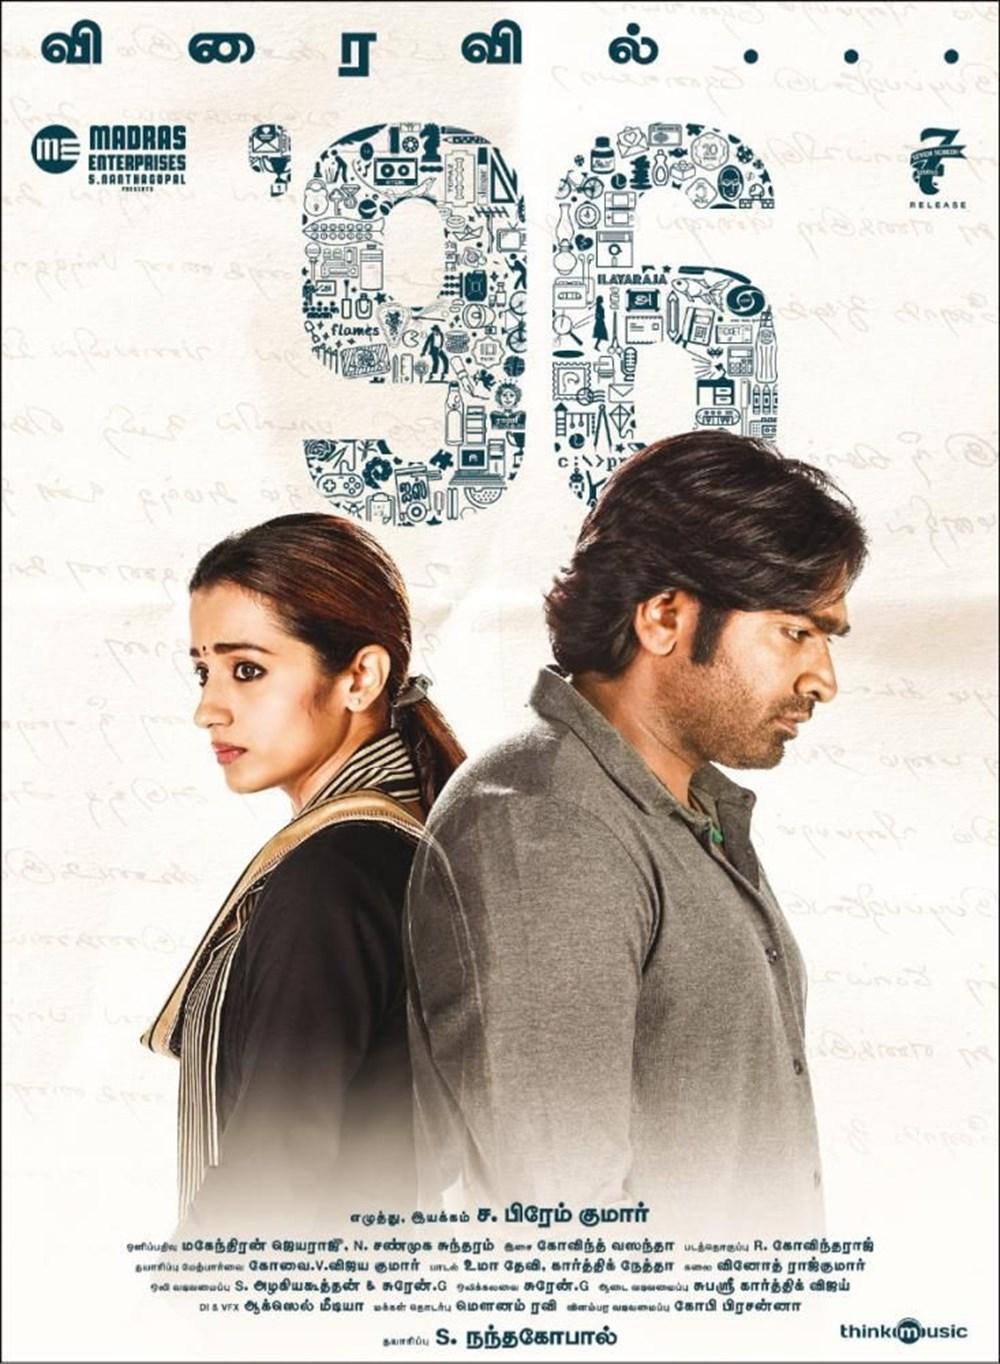 En iyi Hint filmleri - IMDb verileri (Bollywood sineması) - 39